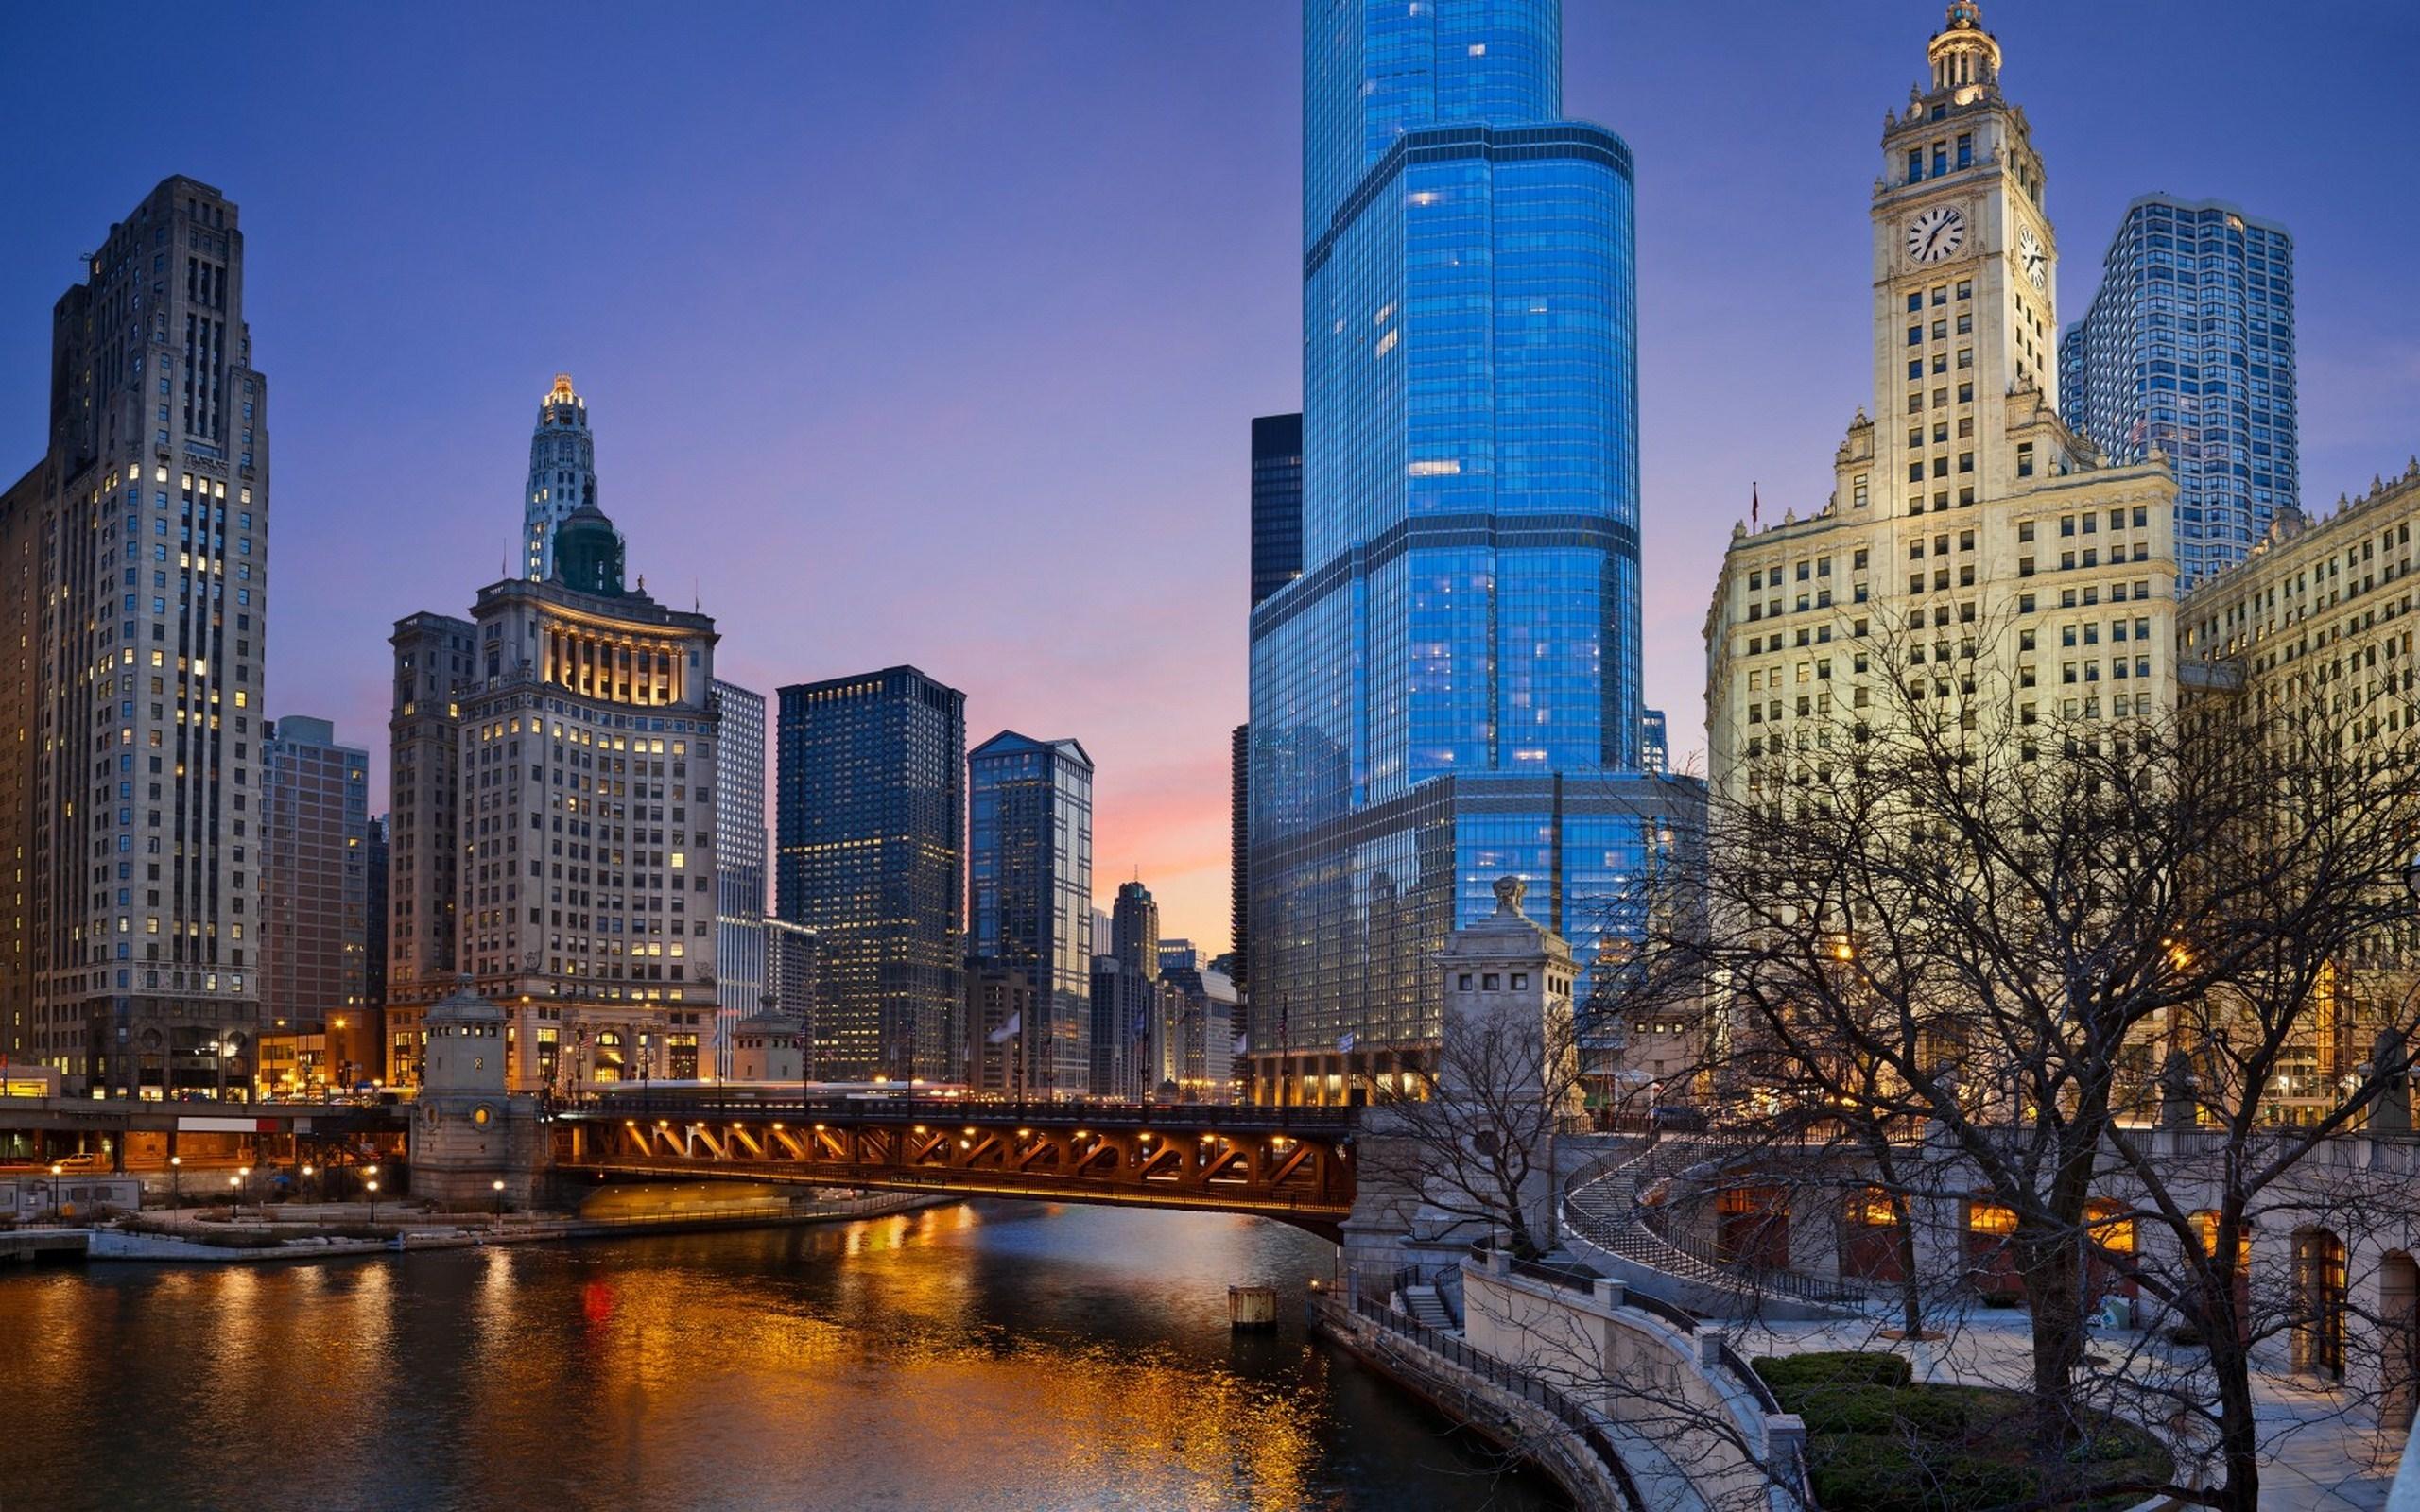 City - Chicago, IL